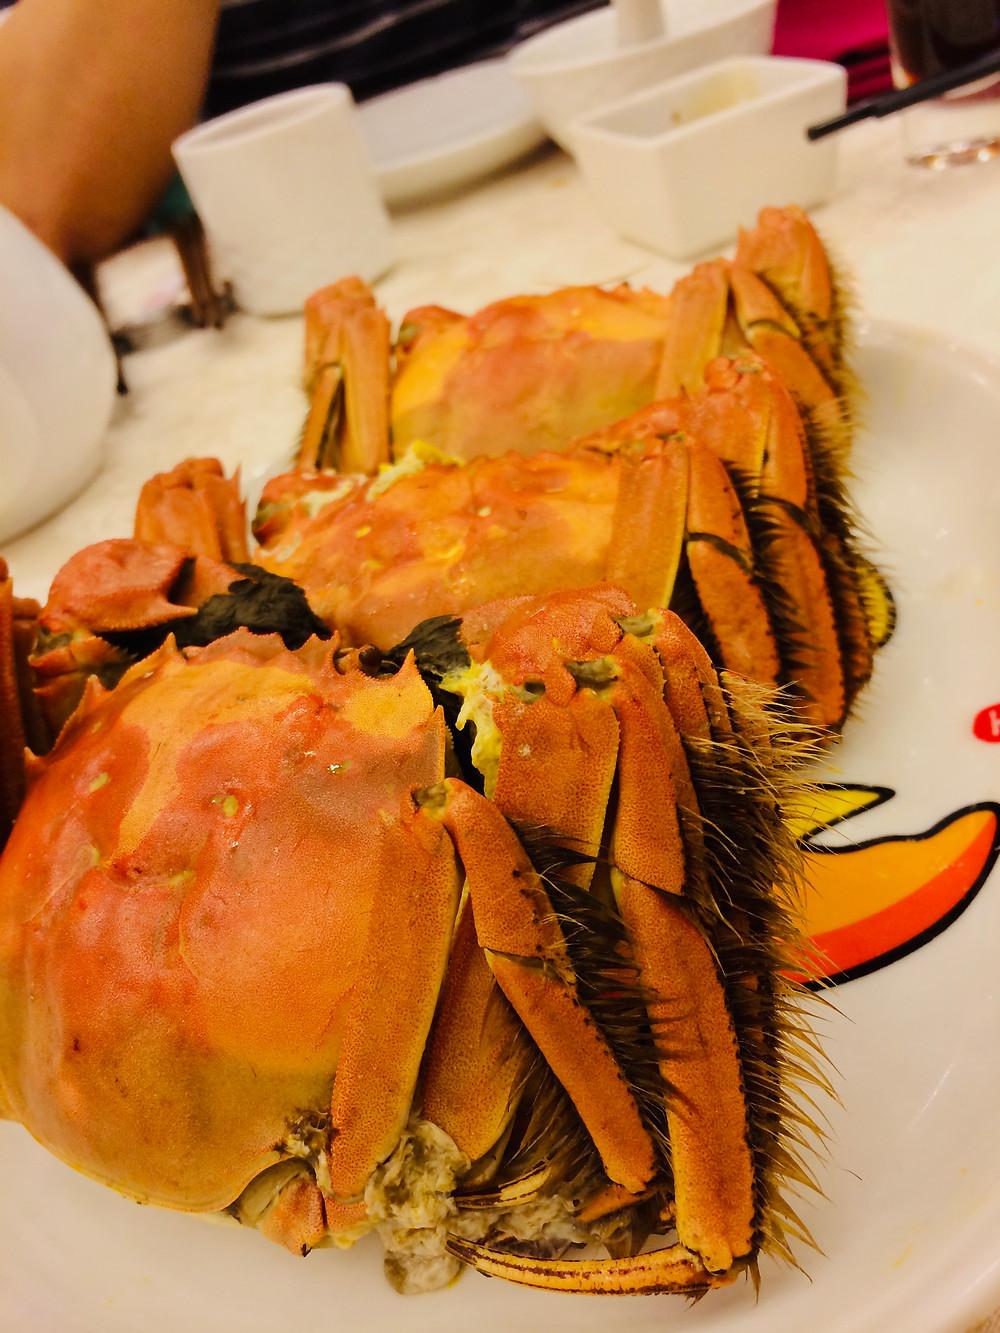 大閘蟹 Hairy crab in Hong Kong